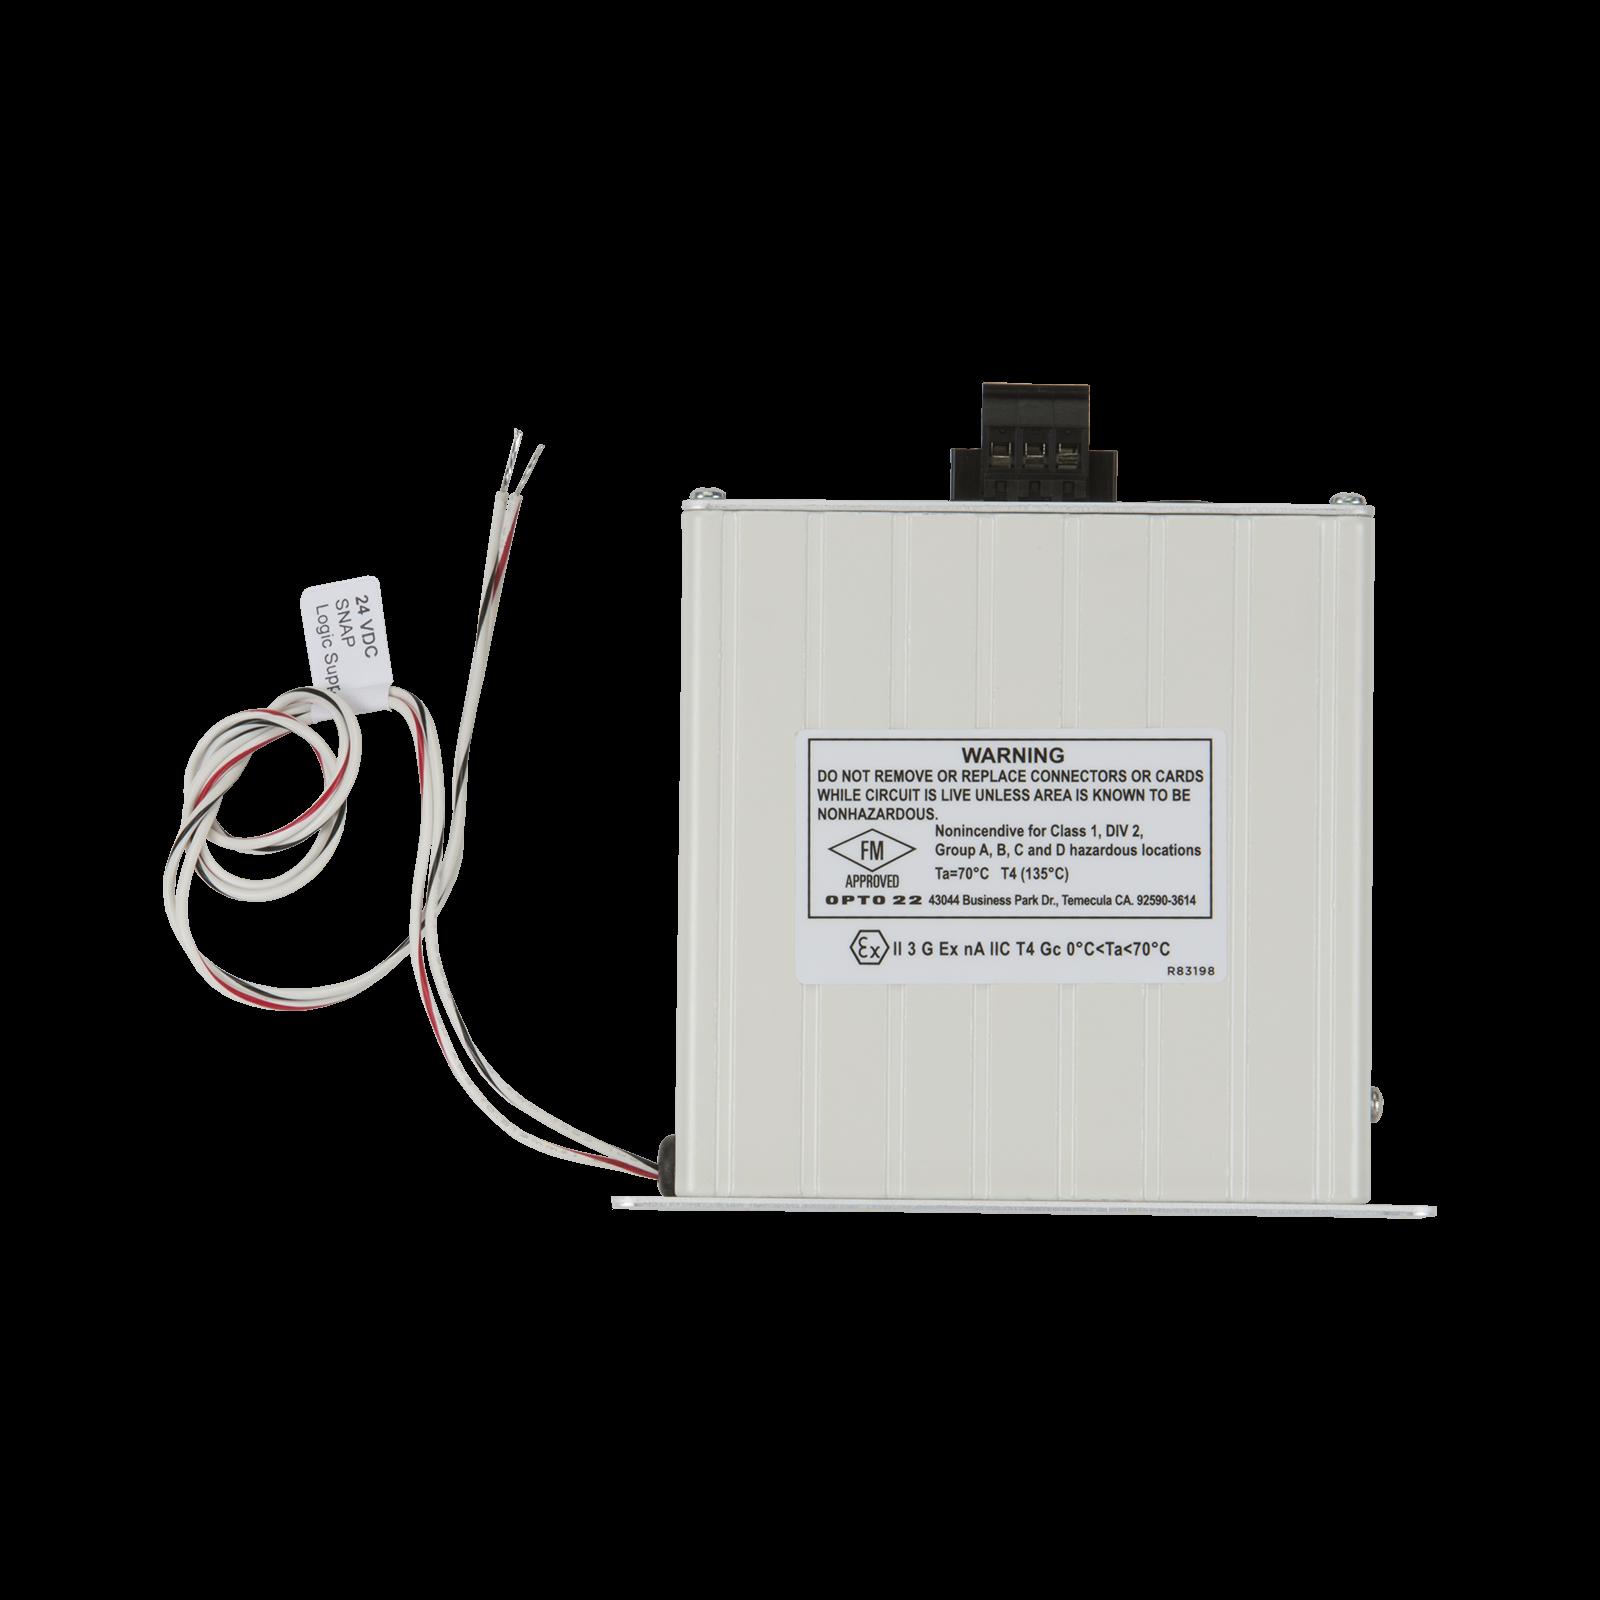 Opto22 - SNAP-PS24 - SNAP Power Supply, 110 VAC to 24 VDC